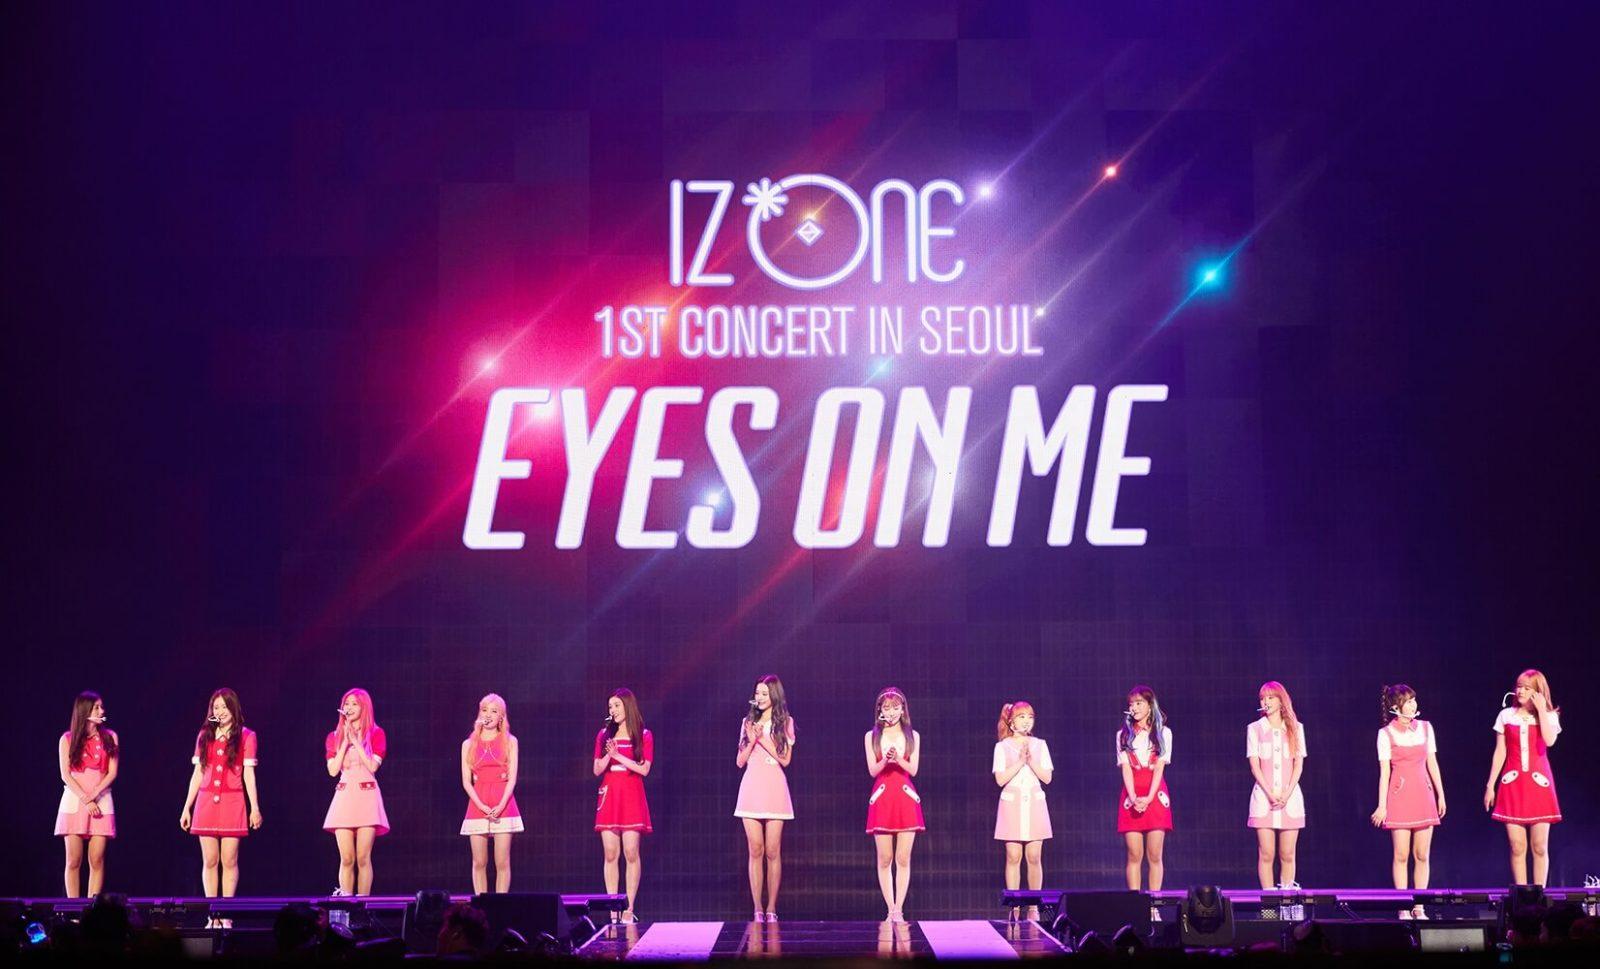 IZ*ONEの初単独コンサートにファン熱狂 日本での初コンサート開催もサプライズ報告サムネイル画像